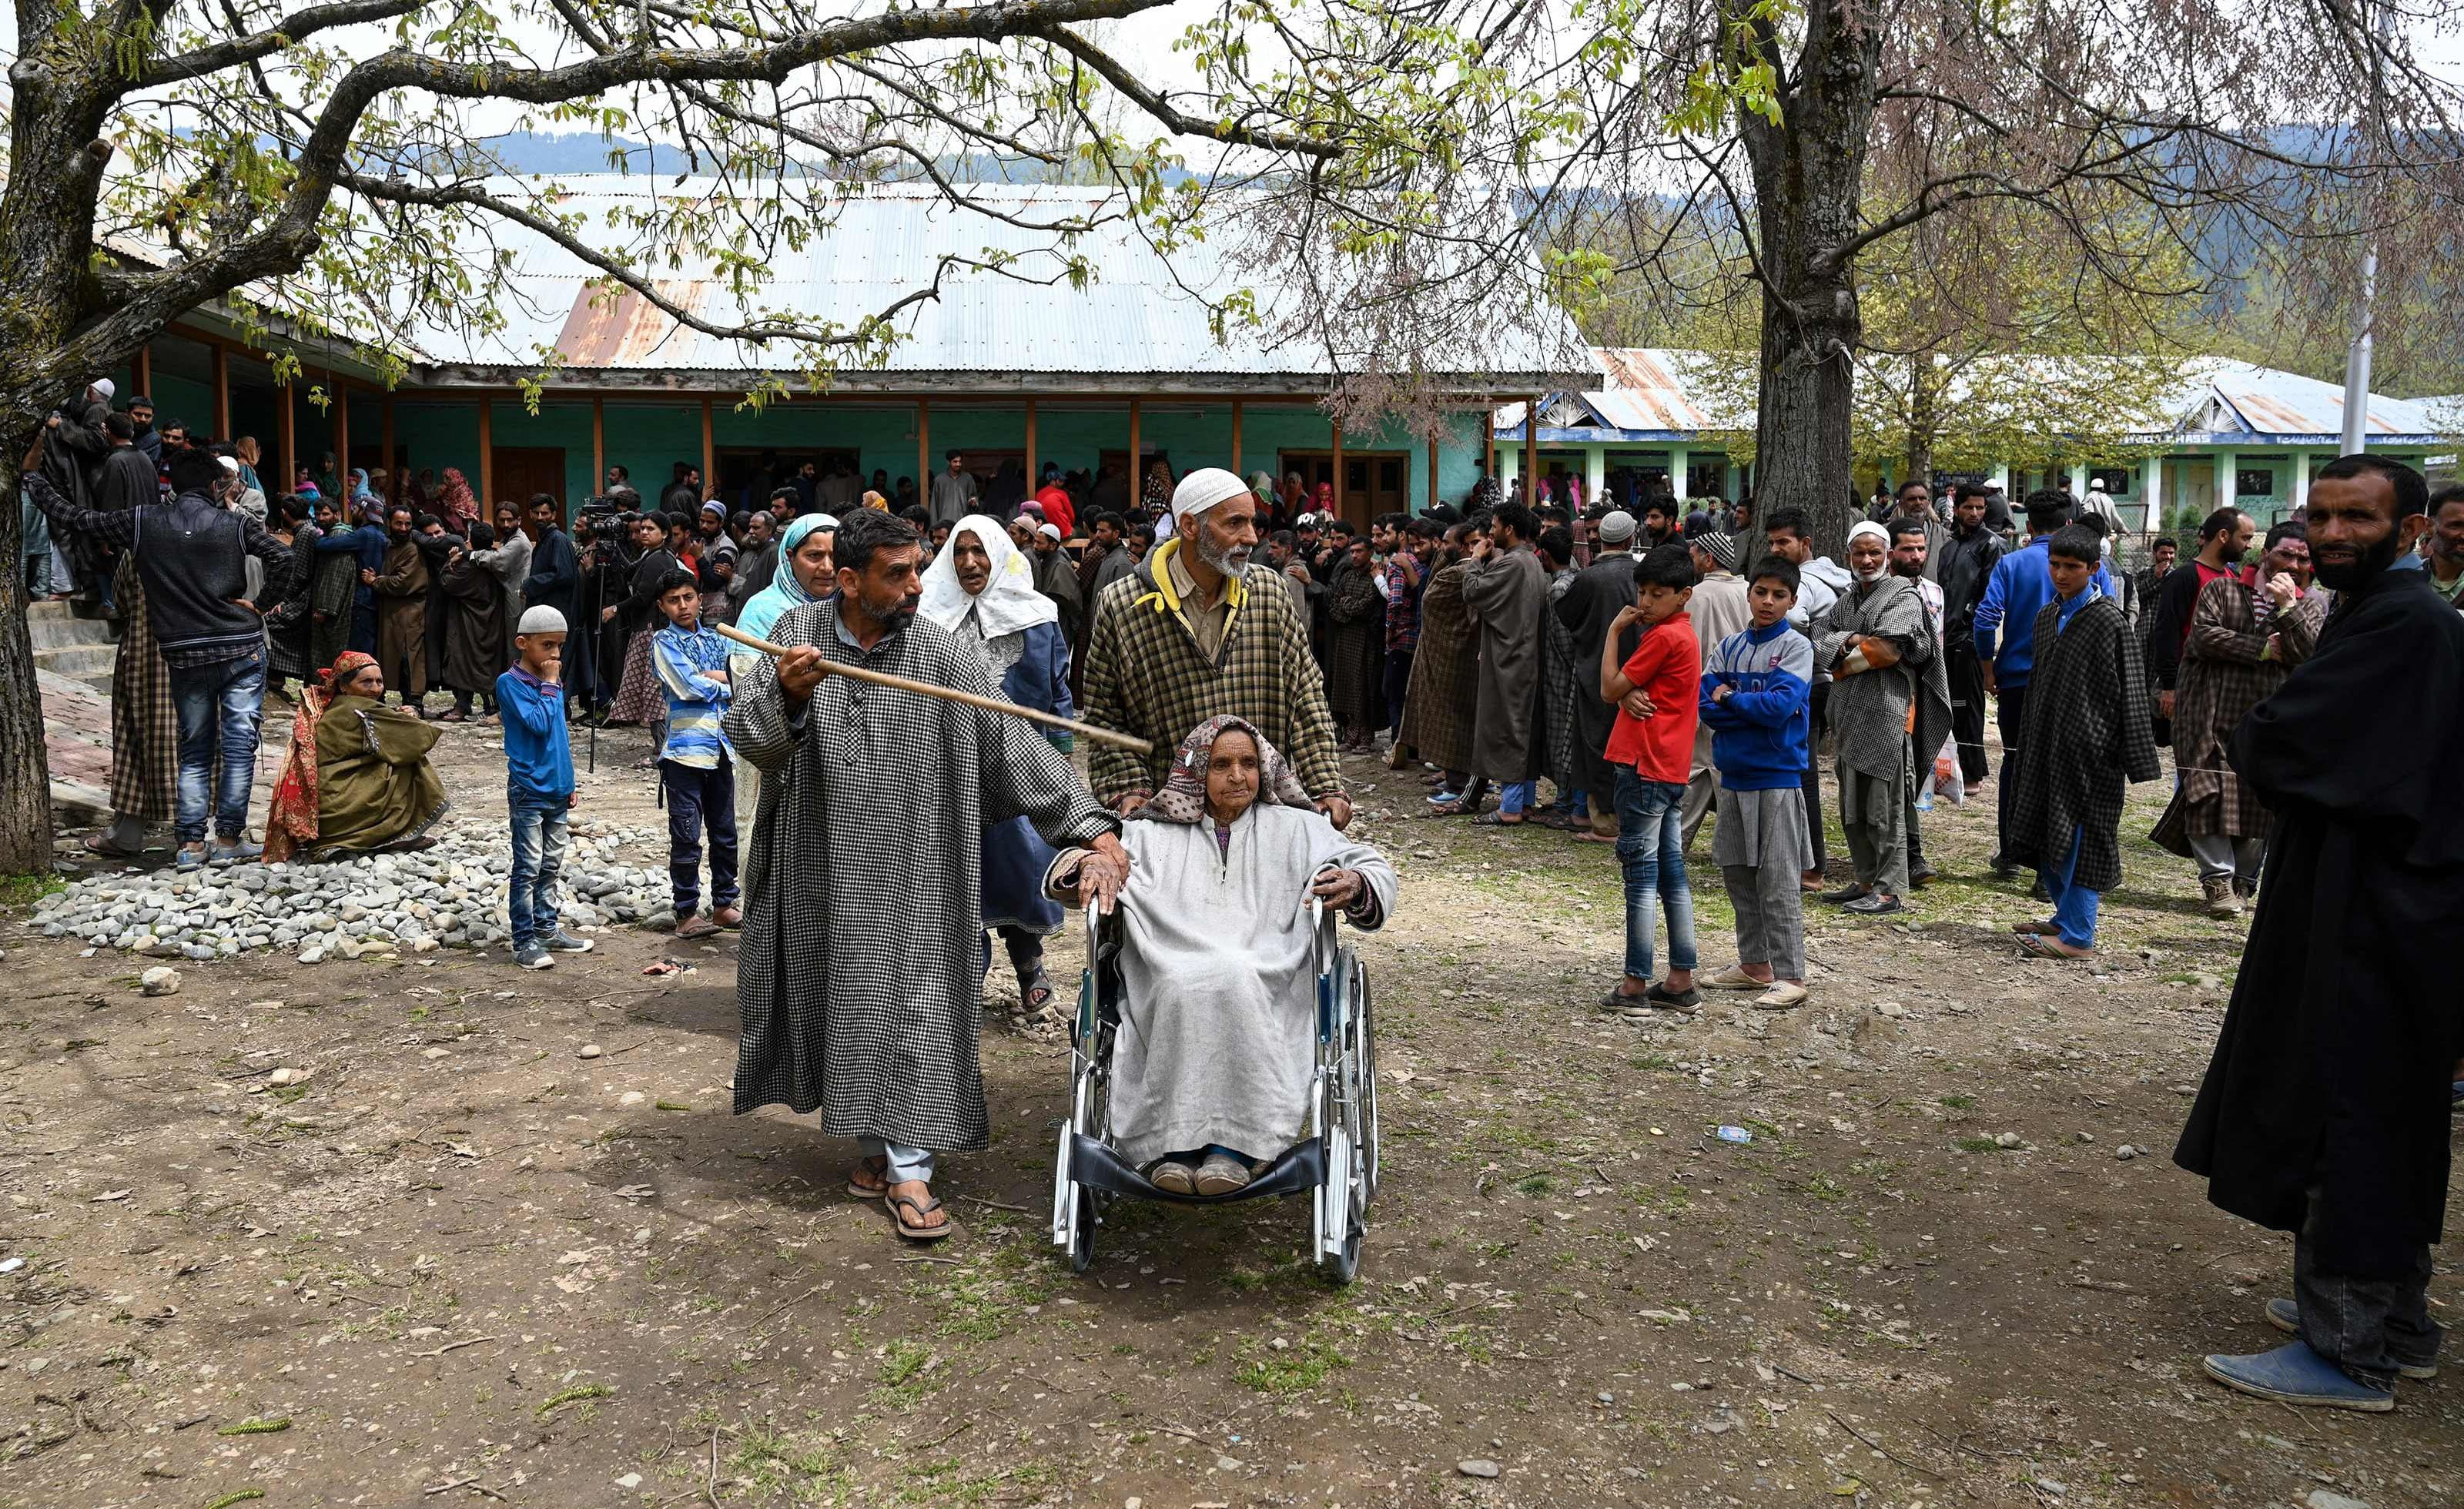 بھارت کے زیر تسلط جموں کشمیر میں بھی عوام نے بڑھ چڑھ کر انتخابات میں حصہ لیا —فوٹو/ اے ایف پی